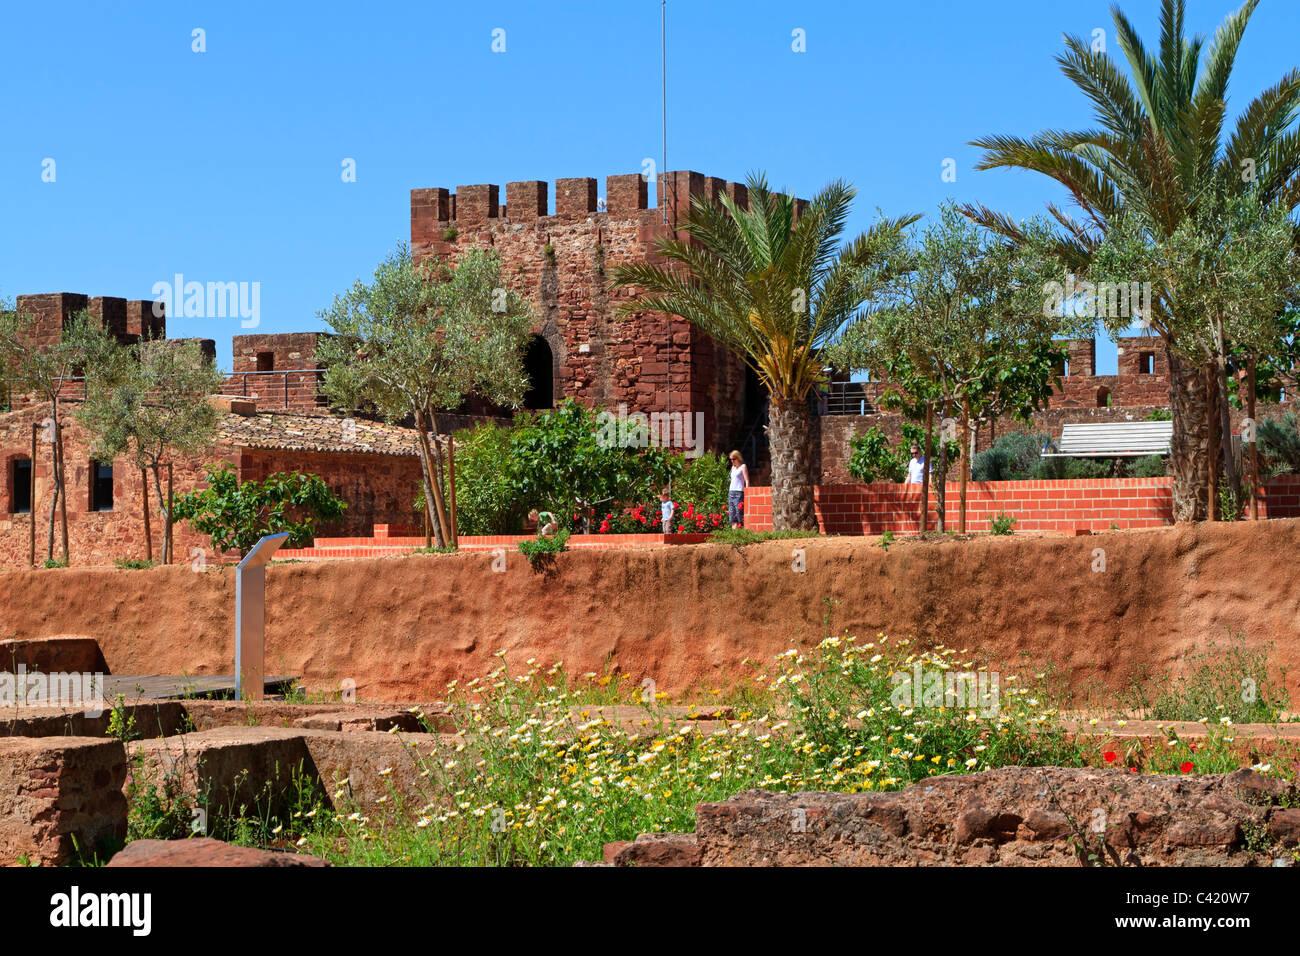 Immagini Di Giardini Moderni : Il castello di silves algarve portogallo. giardini moderni in